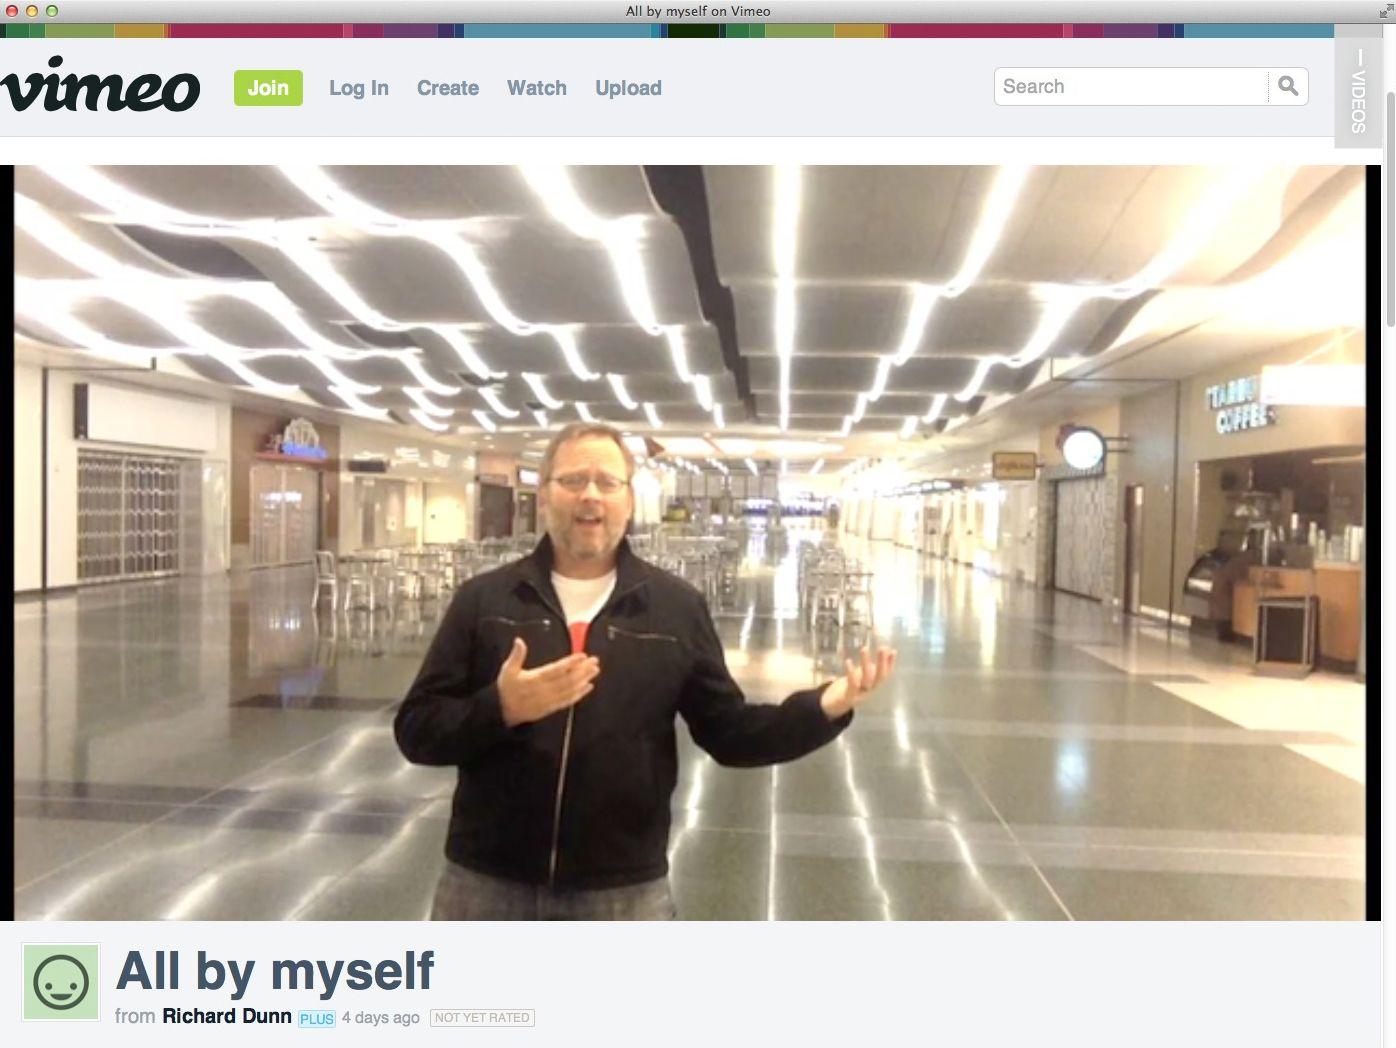 EINMALIGE VERWENDUNG NUR ALS ZITAT/ Screenshot Video: All by myself/ Richard Dunn